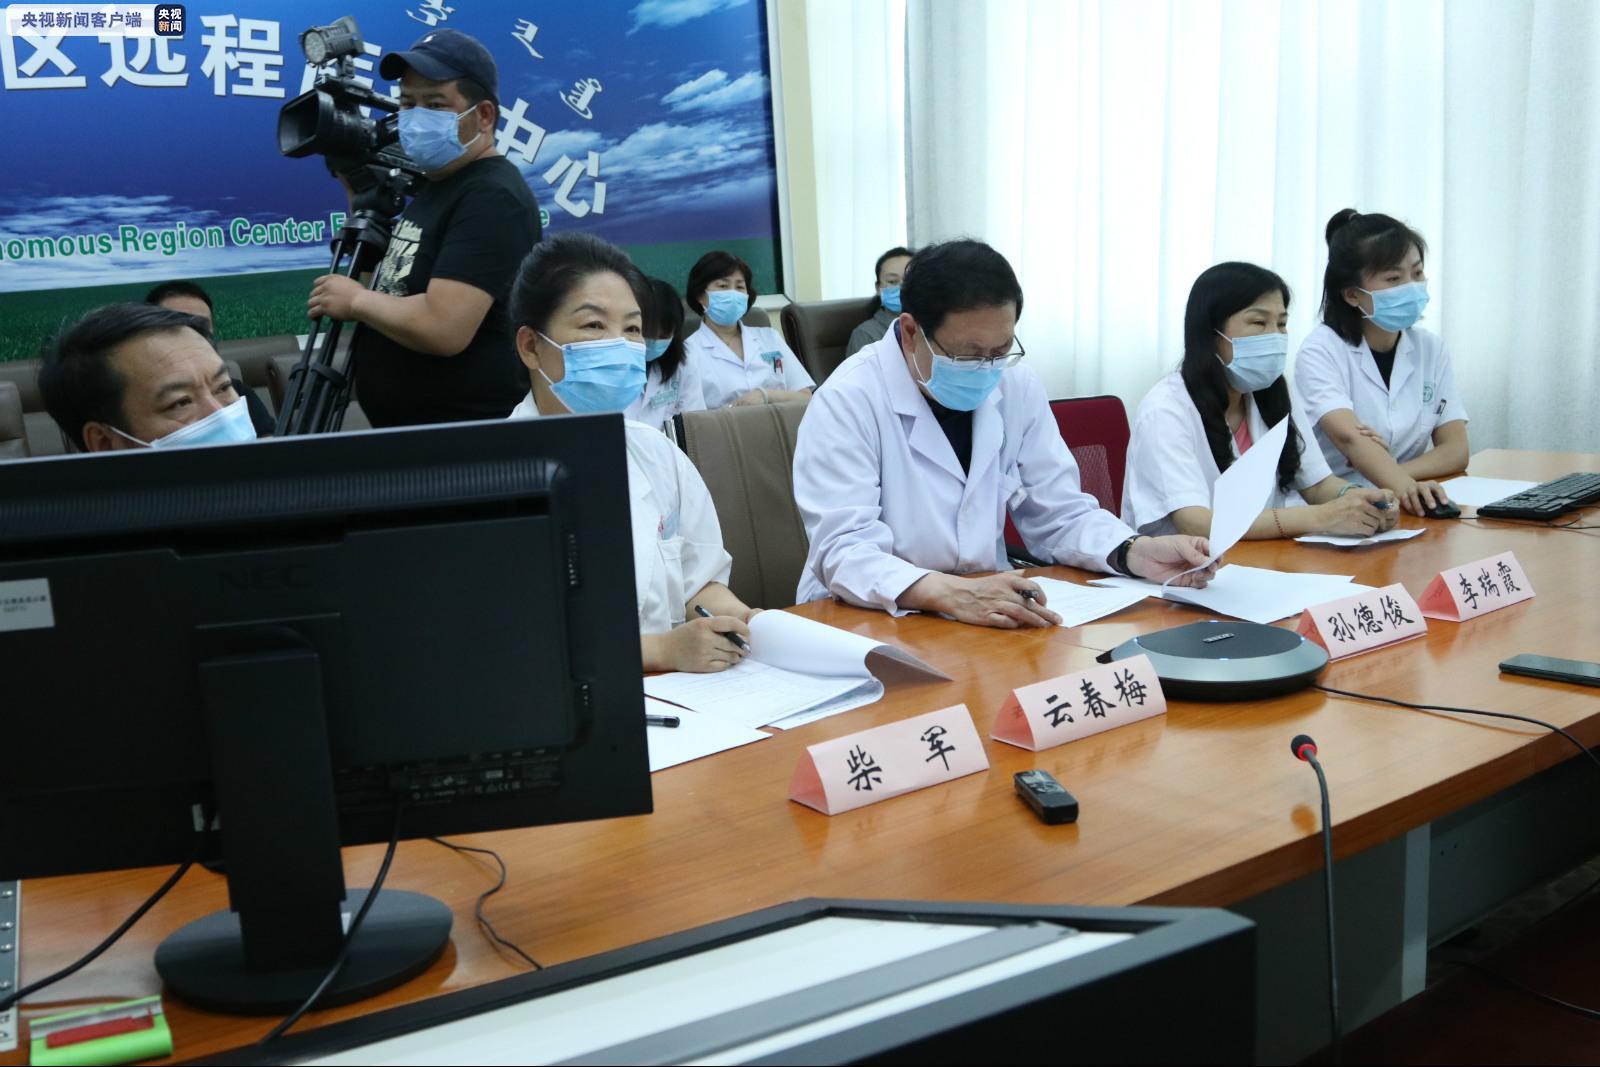 清零!内蒙古最后1例境外输入新冠肺炎患者出院图片